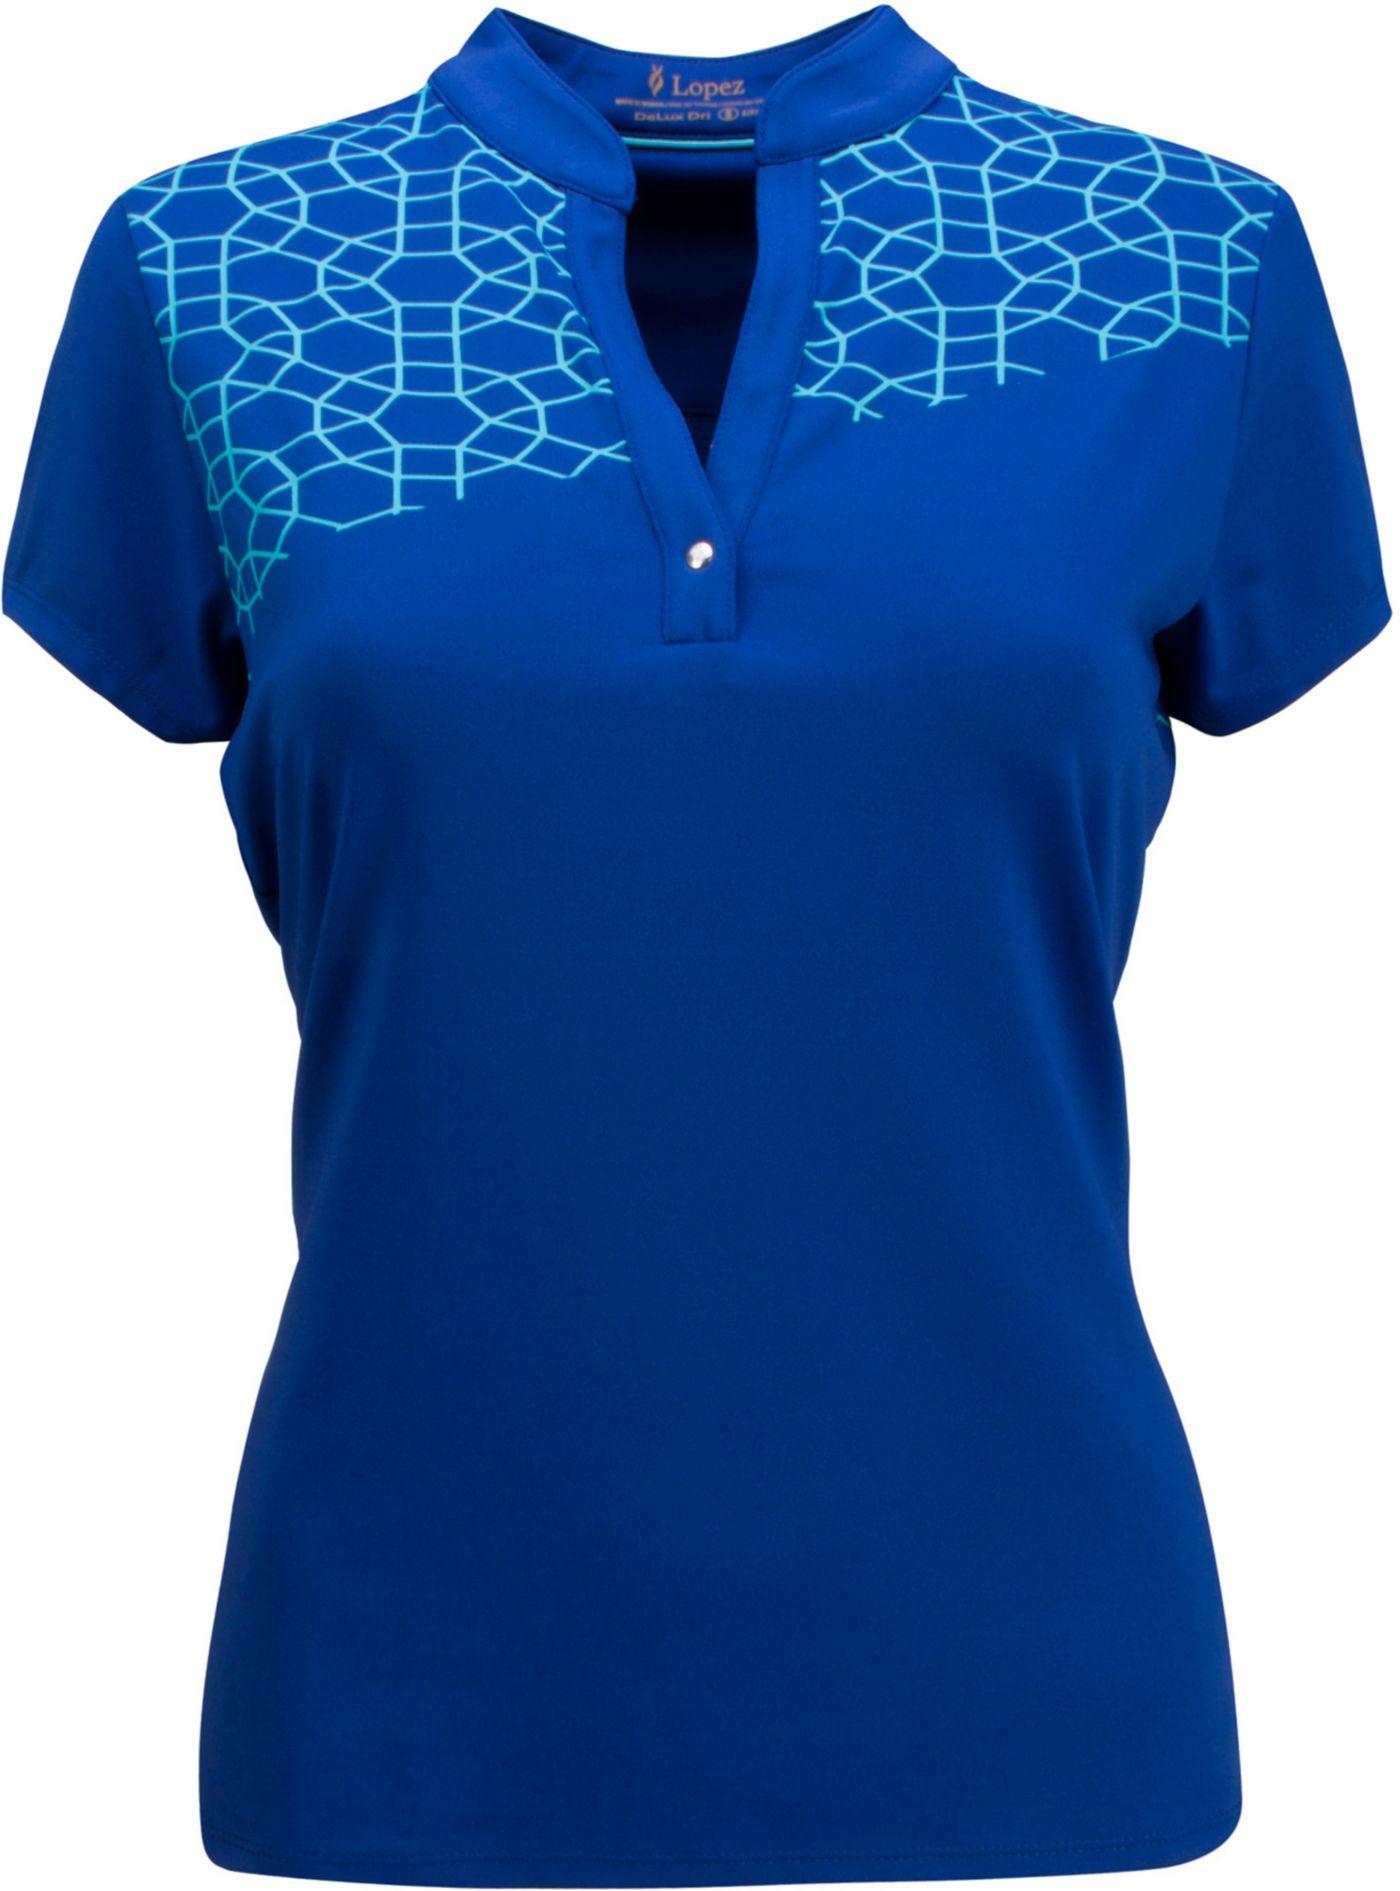 Nancy Lopez Women's Legacy Golf Polo